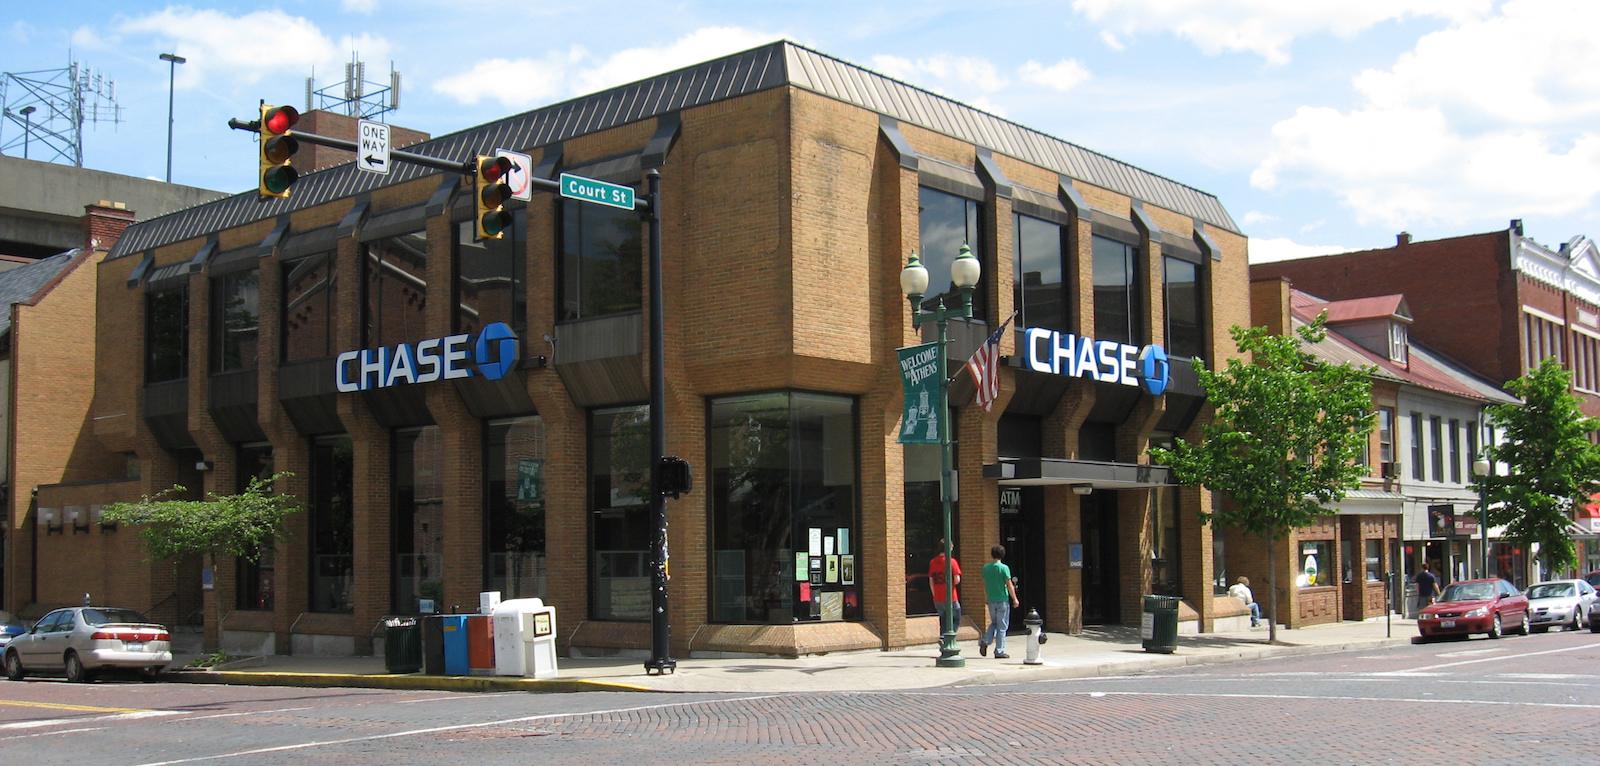 Banka Chase pracuje na gamifikačním způsobu, jak si zlepšit kreditní skóre